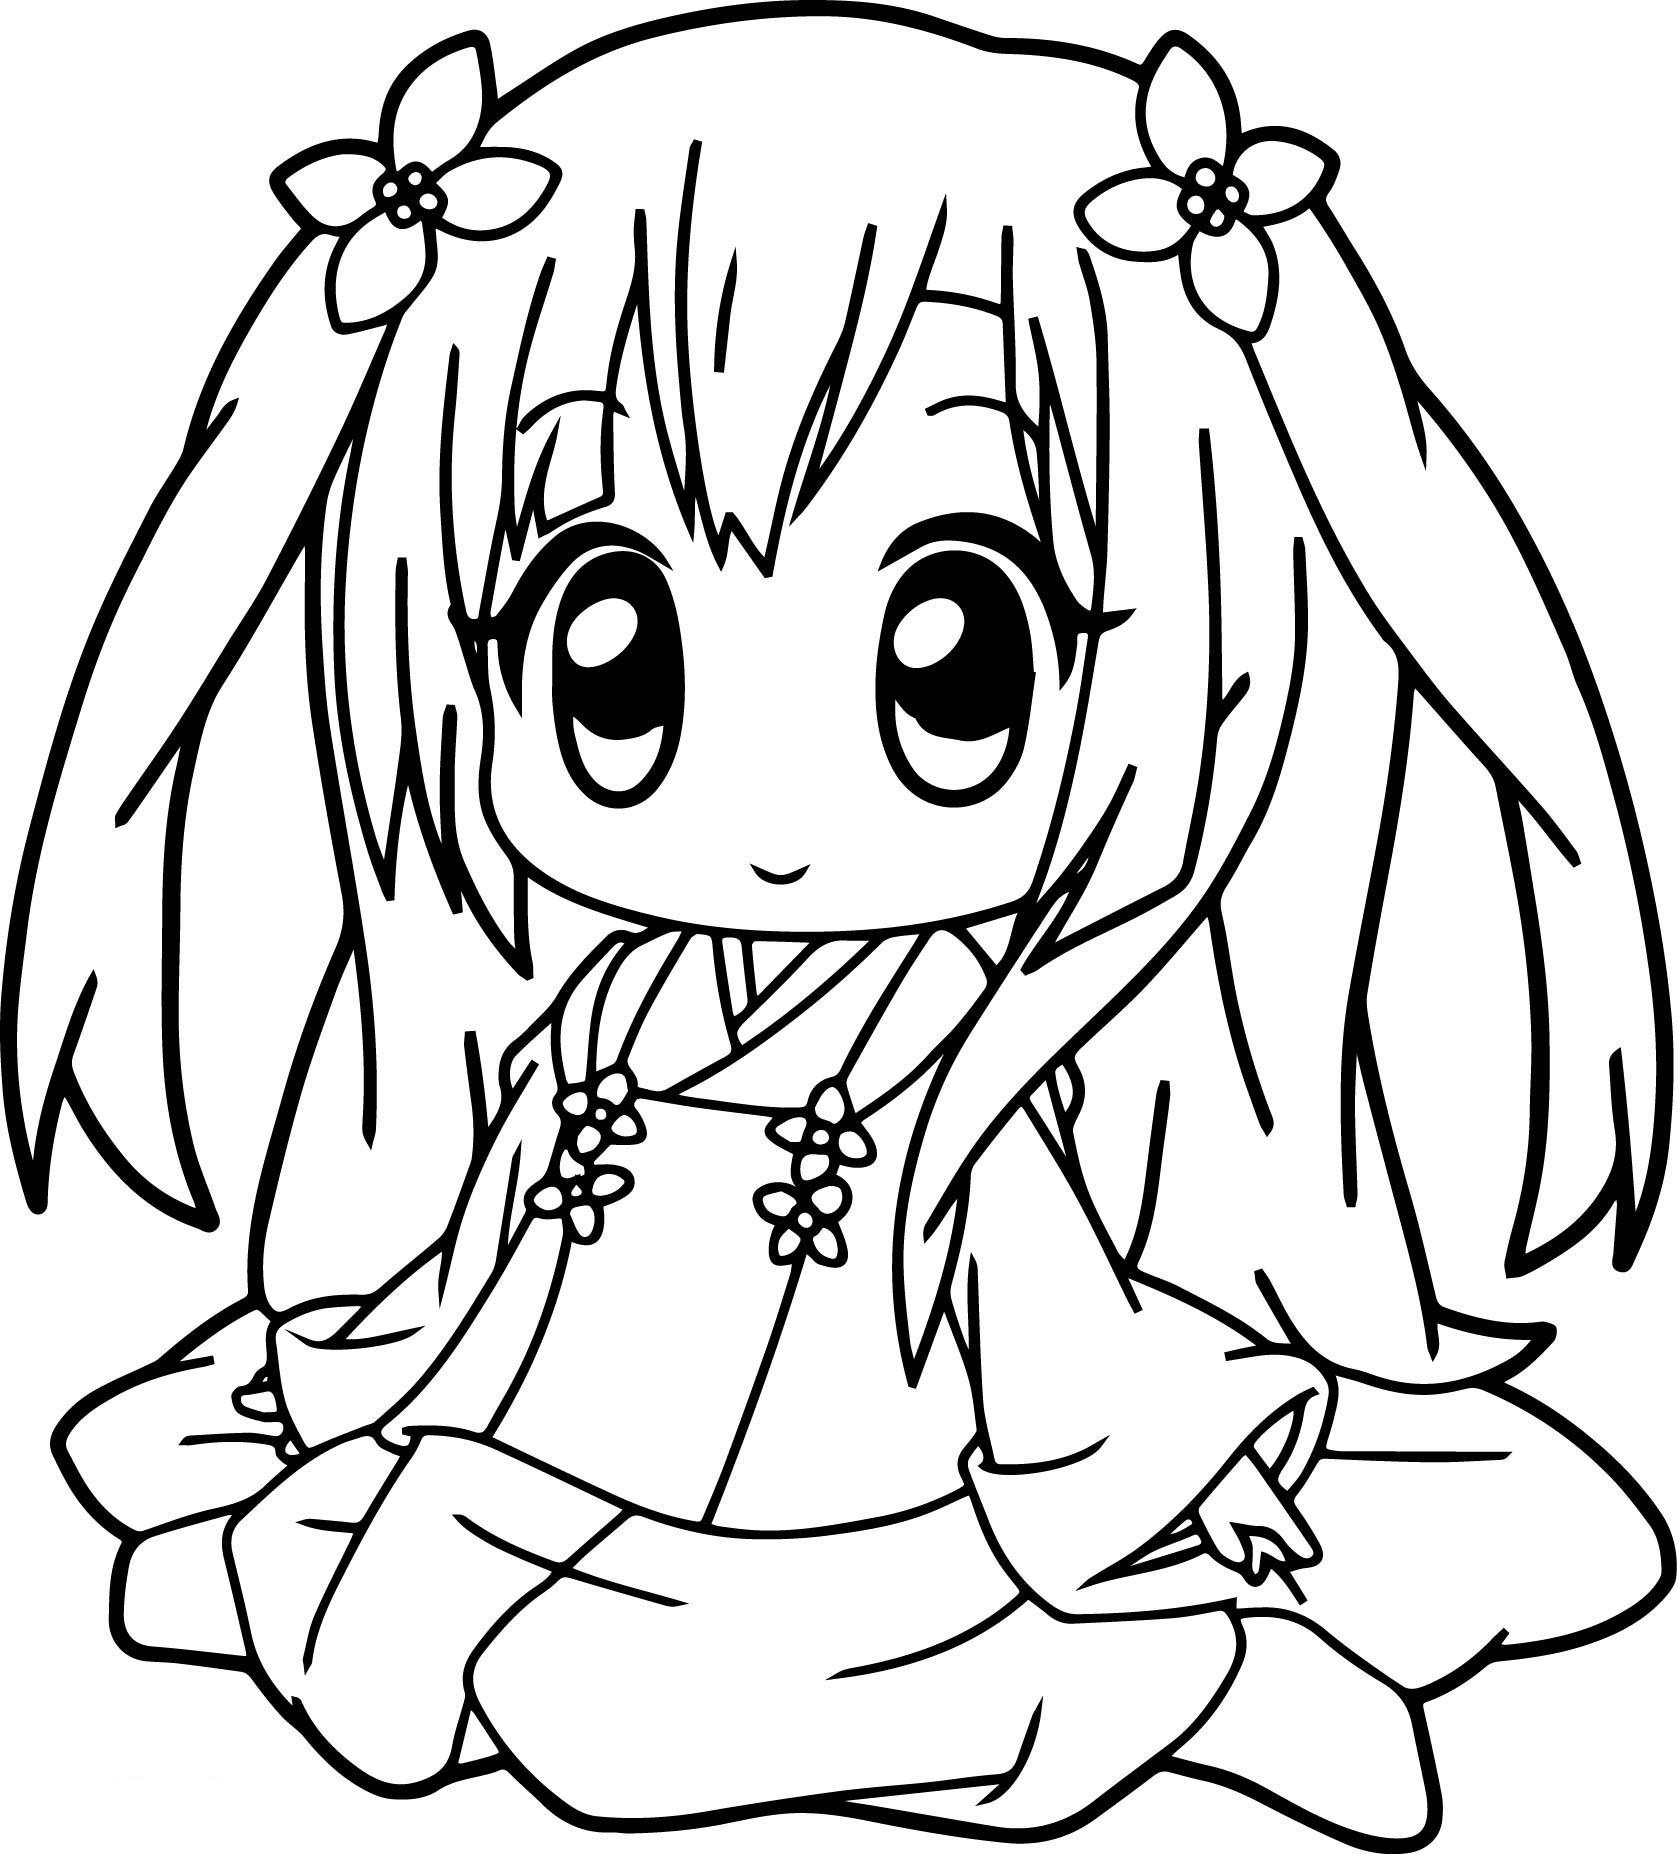 Tranh tô màu công chúa anime cute đẹp nhất